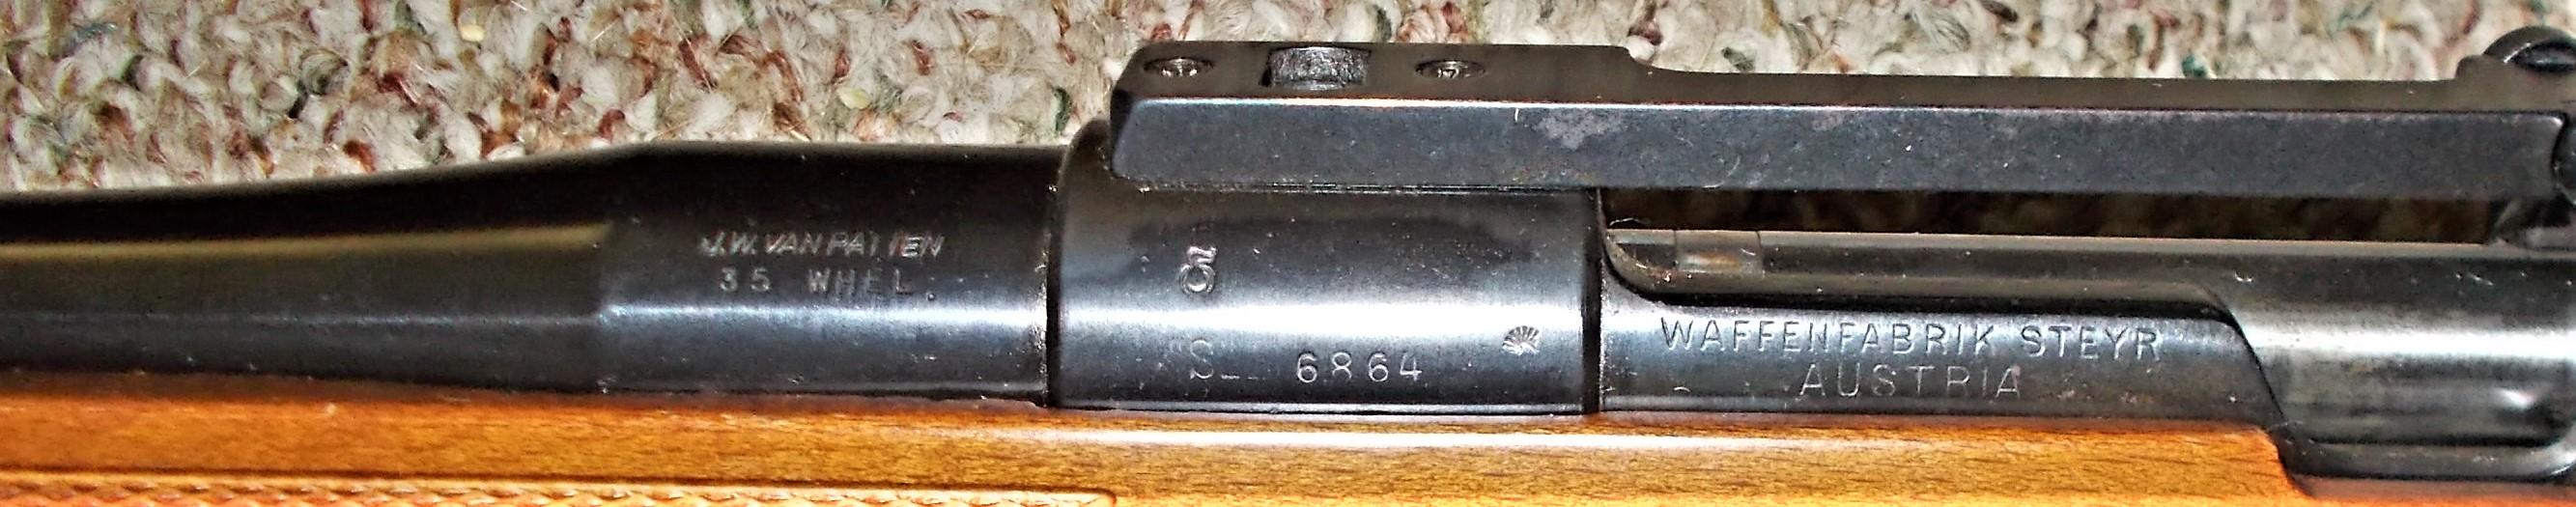 DSCN3640 (2).JPG